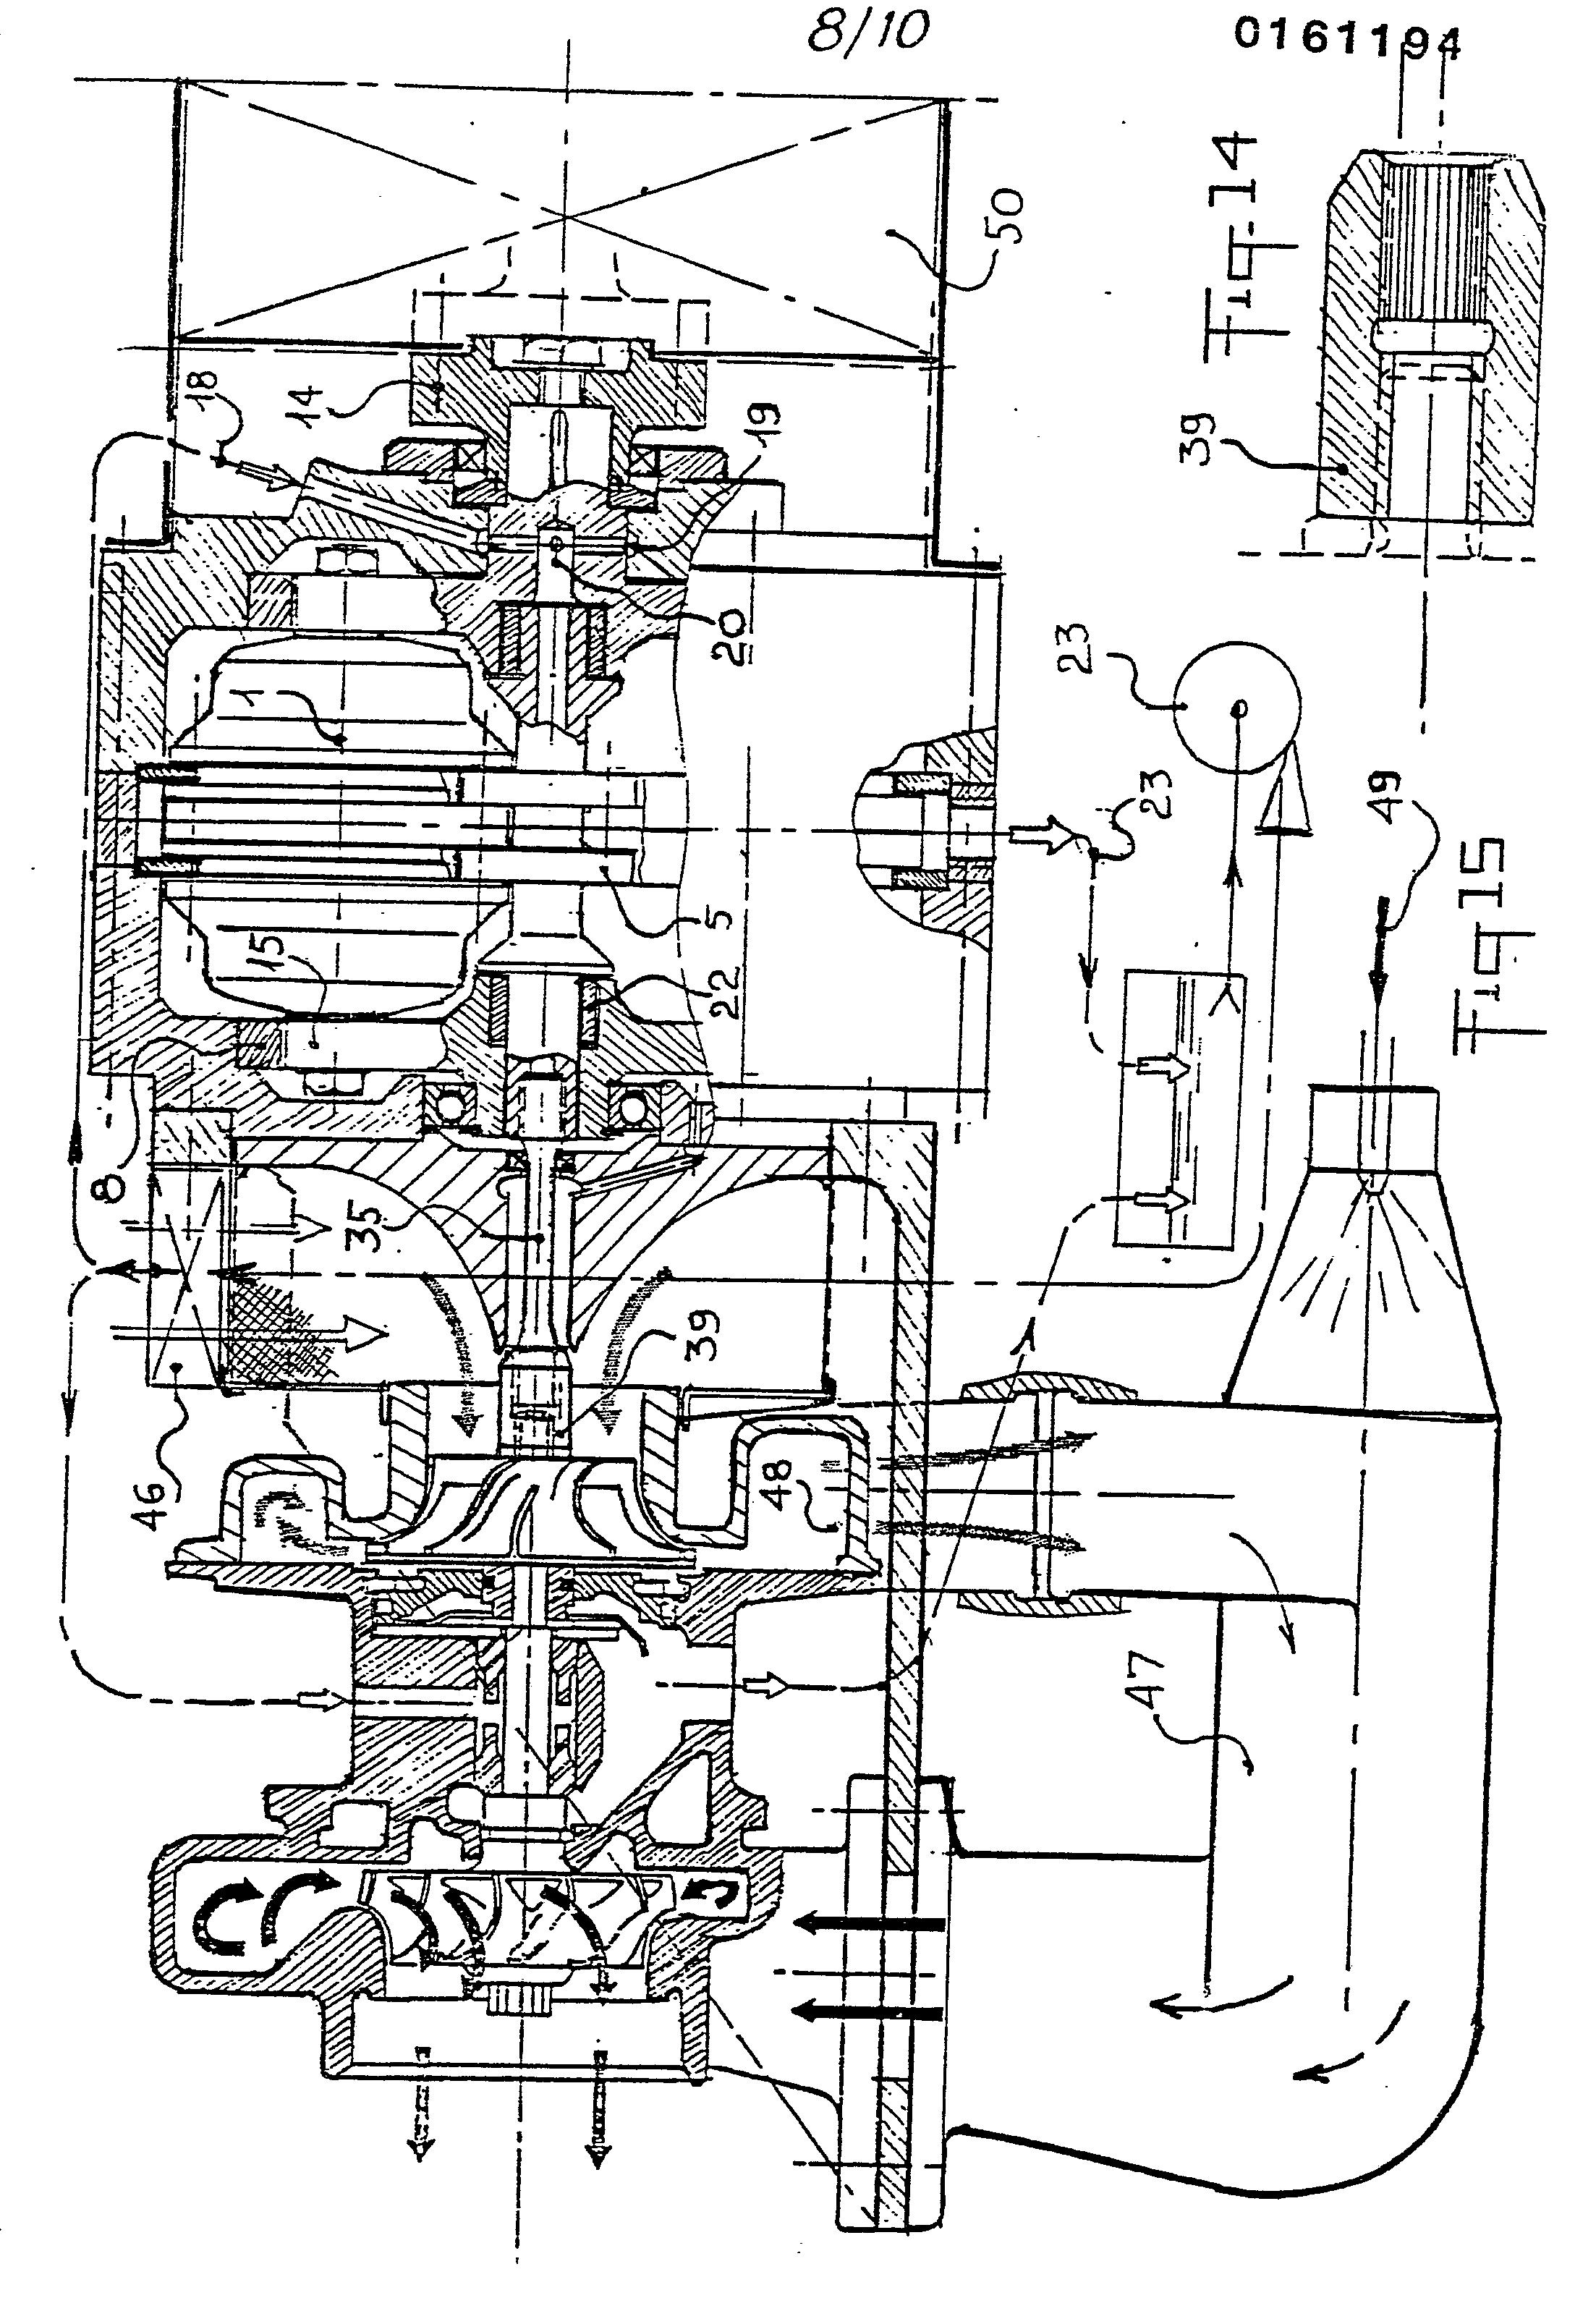 patent ep0161194a1 coupleur r ducteur picycloidal induction pour machines tr s grande. Black Bedroom Furniture Sets. Home Design Ideas